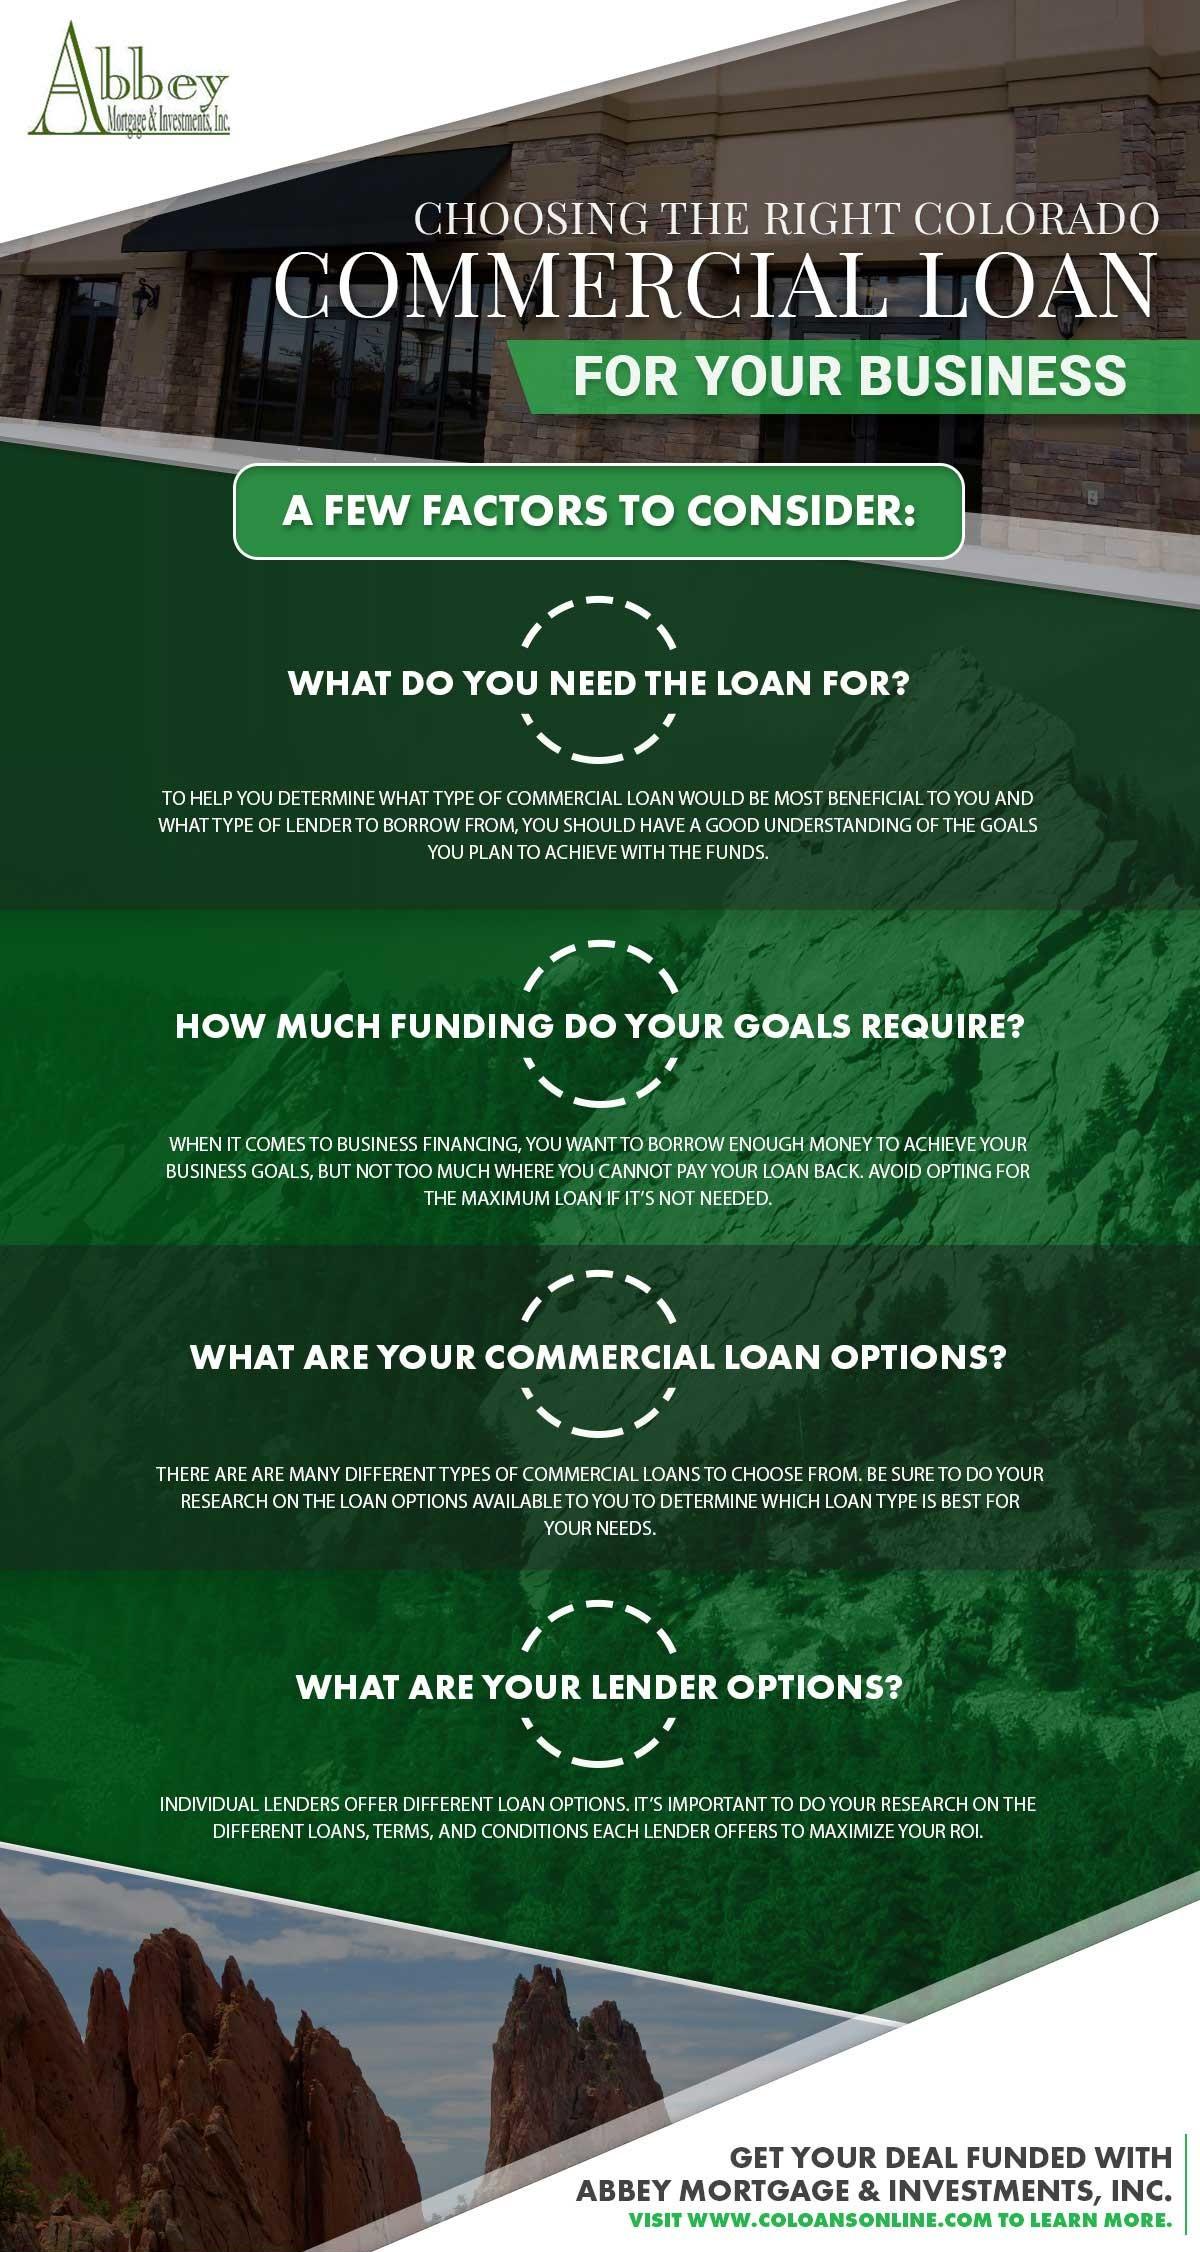 factors commercial loan colorado